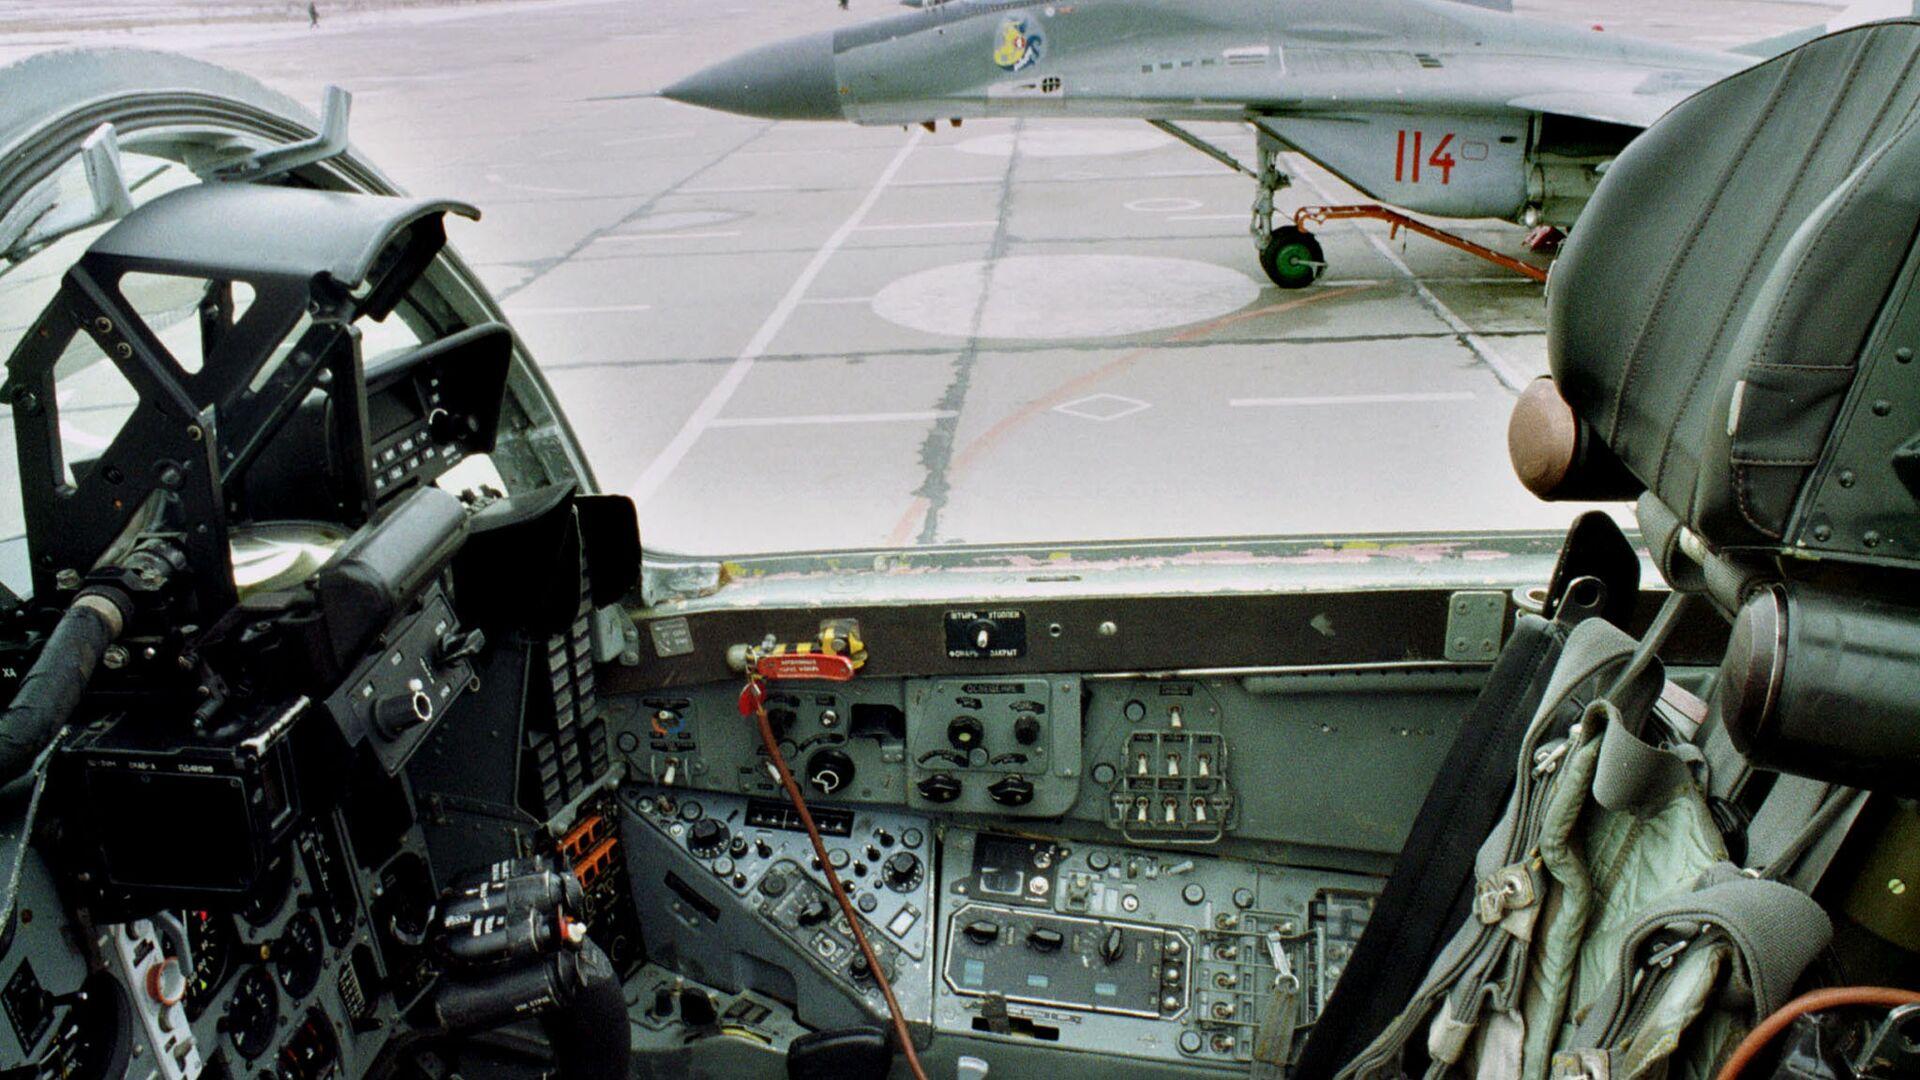 Истребители МиГ-29 ВВС Польше на аэродроме в Миньске-Мазовецком - РИА Новости, 1920, 08.06.2021